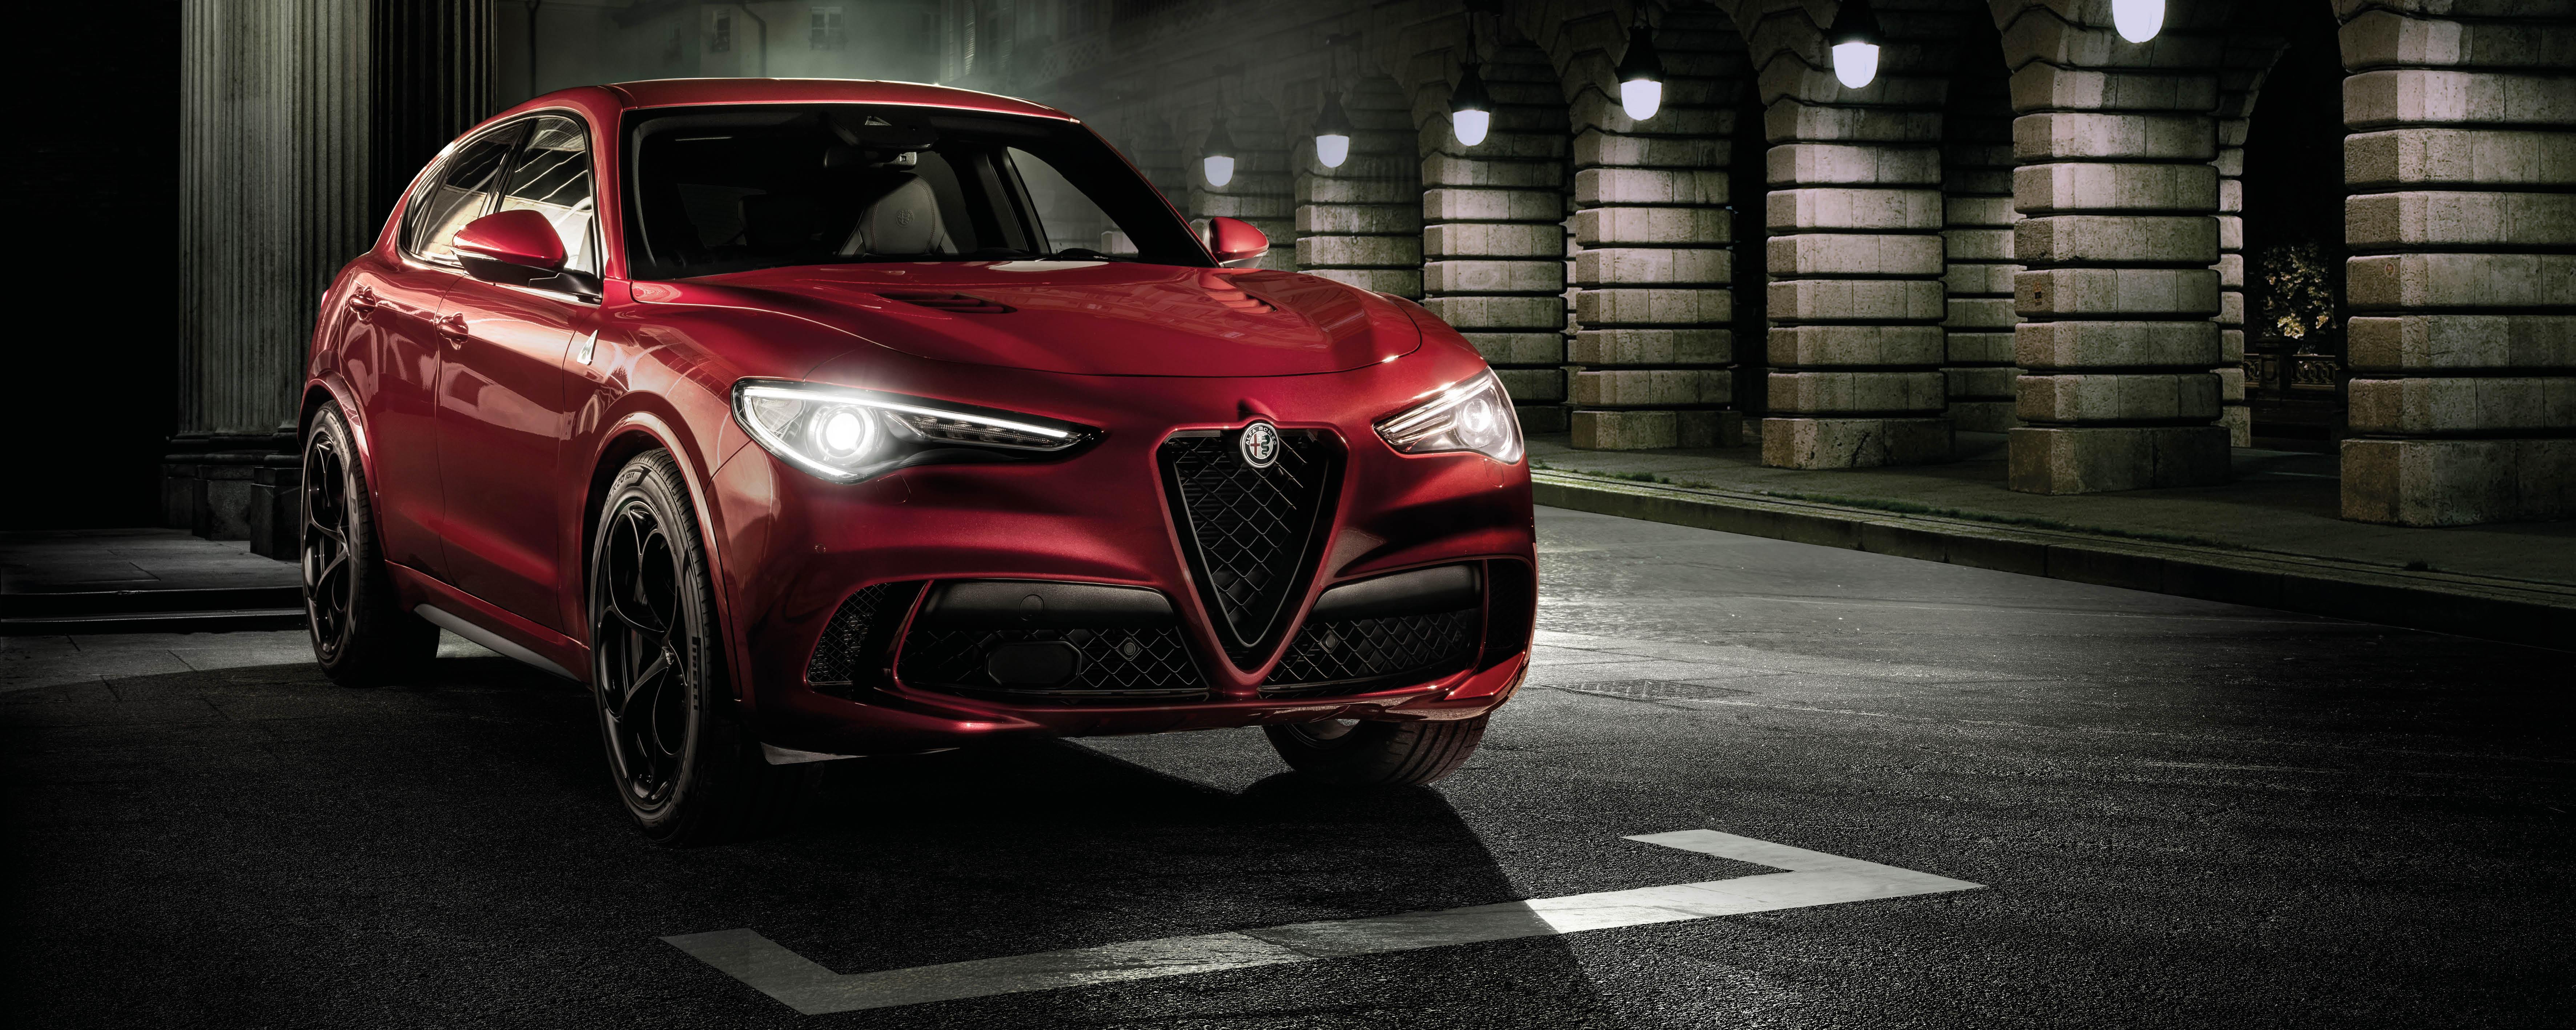 Alfa Romeo Stelvio Quadrifoglio 4k Wallpaper 2020 5k Cars 1412